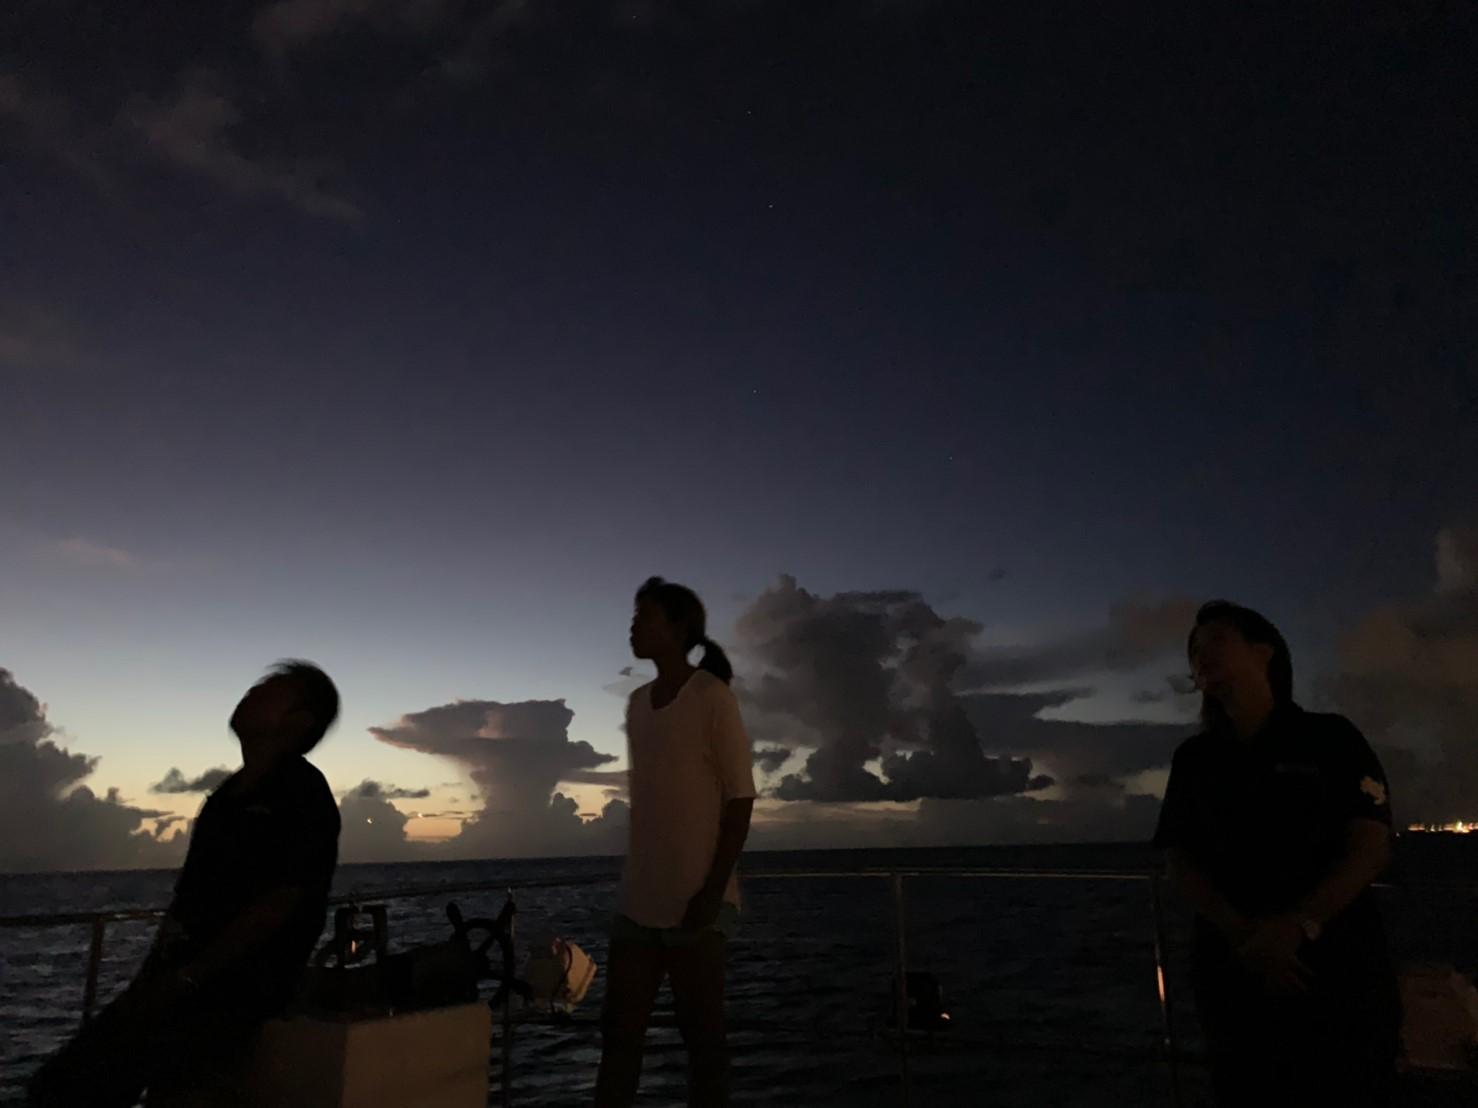 北谷・恩納村開催!沖縄の星空を見に行こう★